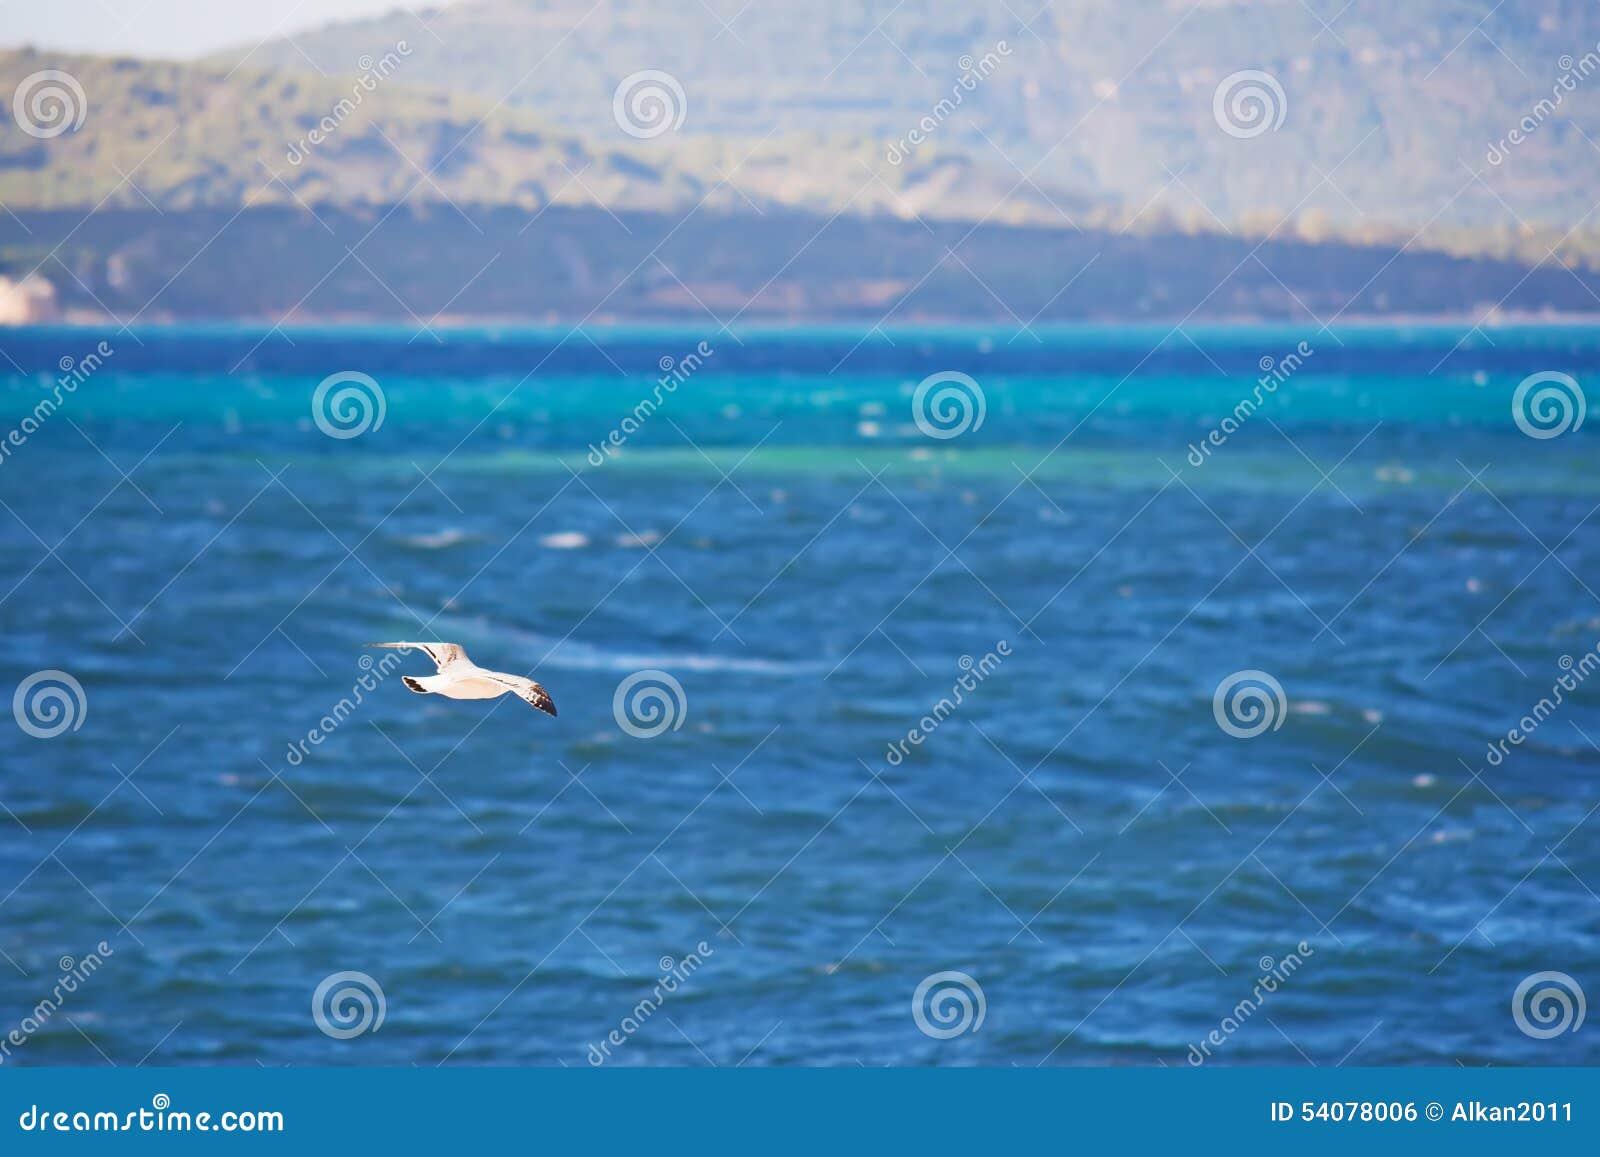 Zeemeeuw die over het overzees vliegt